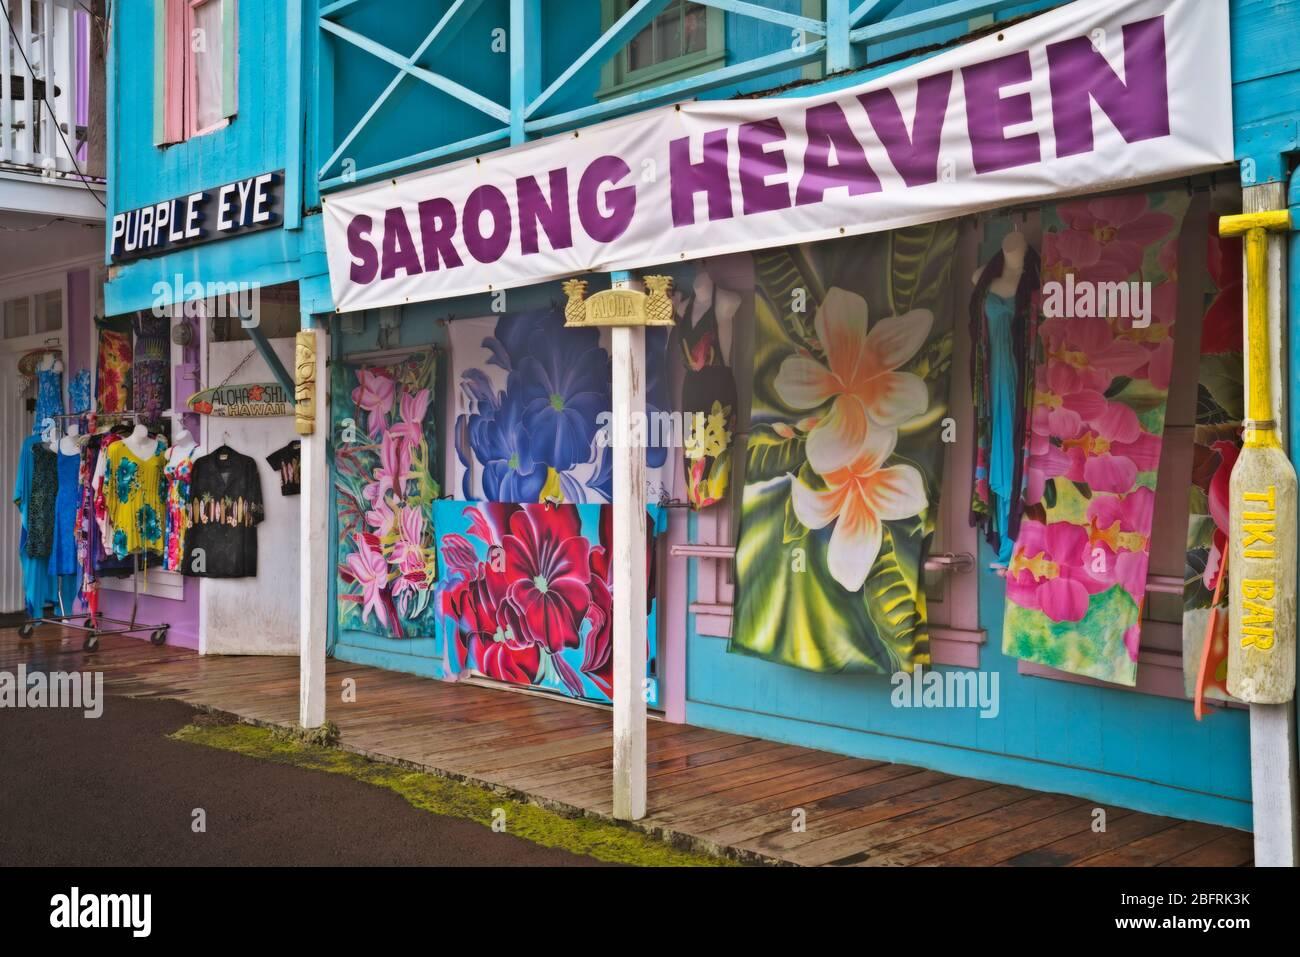 La colorida tienda frente al Purple Eye es una de las tiendas del ecelctico en la pequeña ciudad de Honomu en la Isla Grande de Hawai. Foto de stock